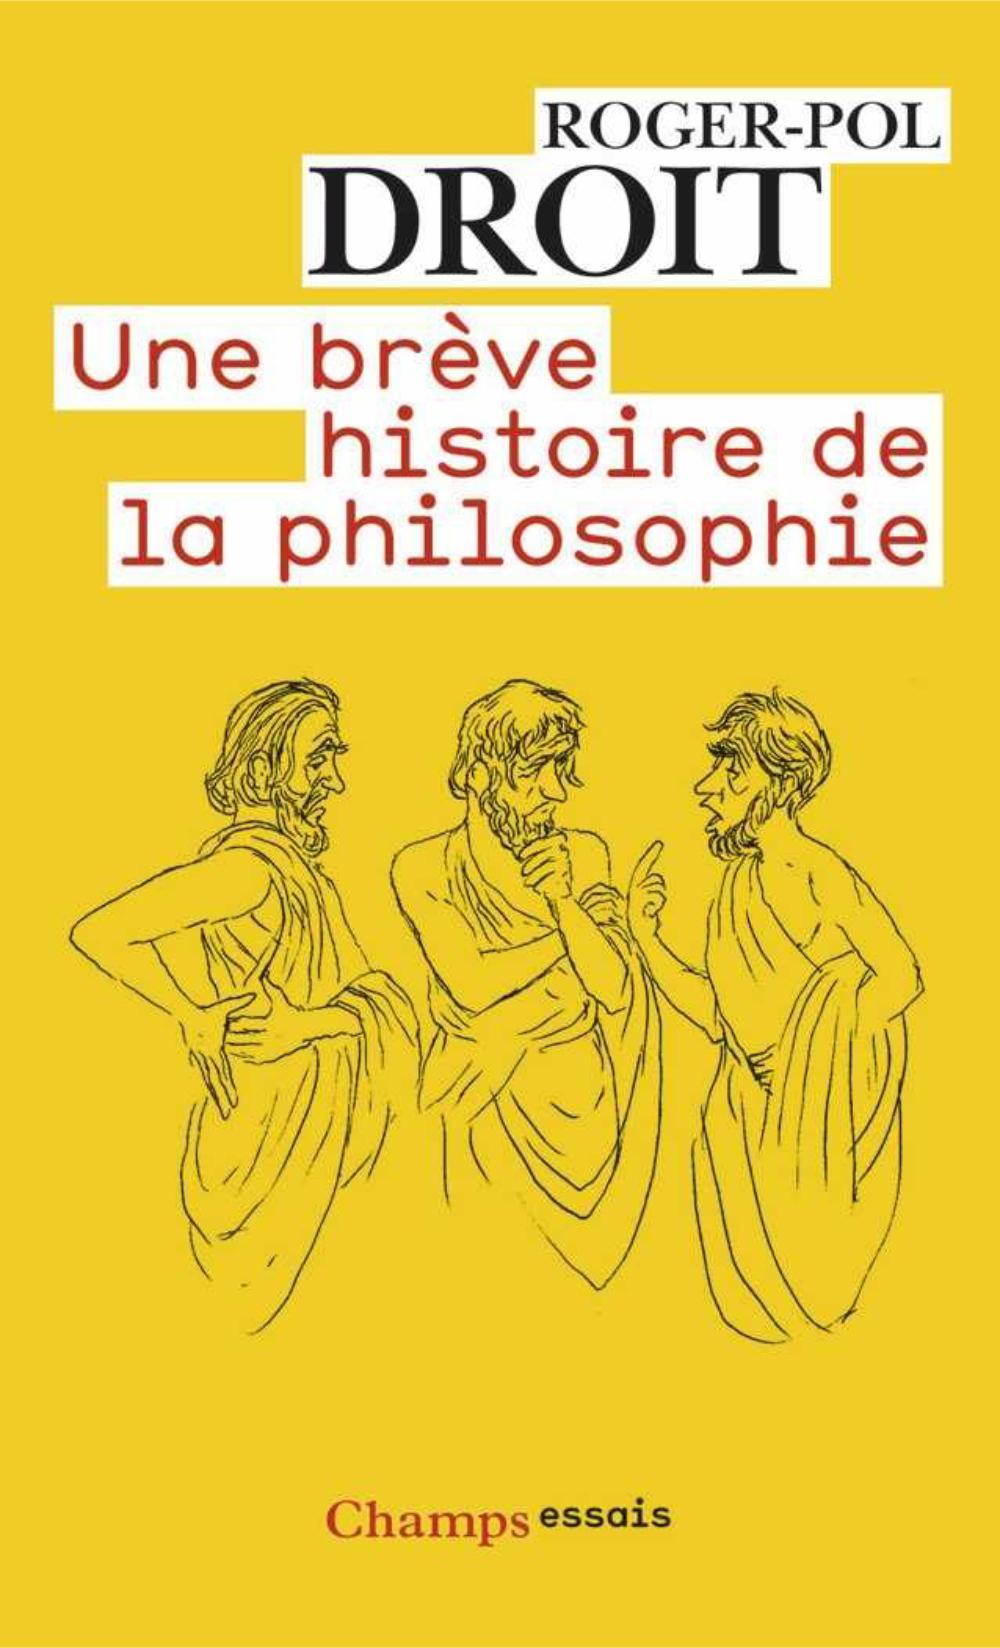 Une brève histoire de la philosophie | Droit, Roger-Pol (1949-....). Auteur